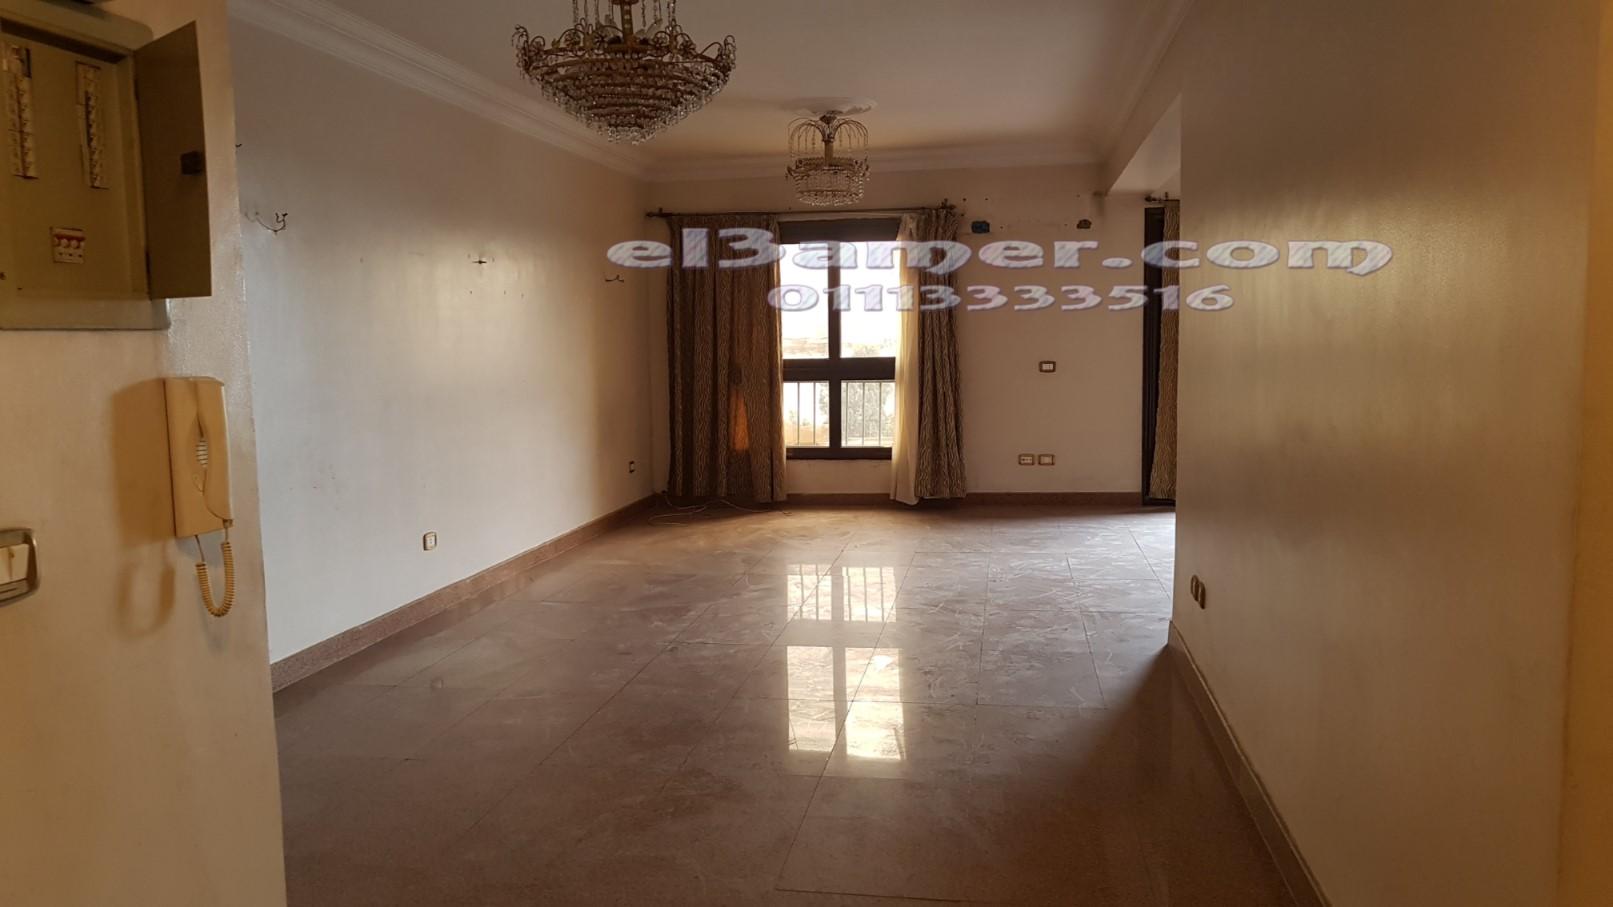 شقق للبيع شقة للبيع 171م متشطبة في زهراء المعادي ابراج مصر للتعمير